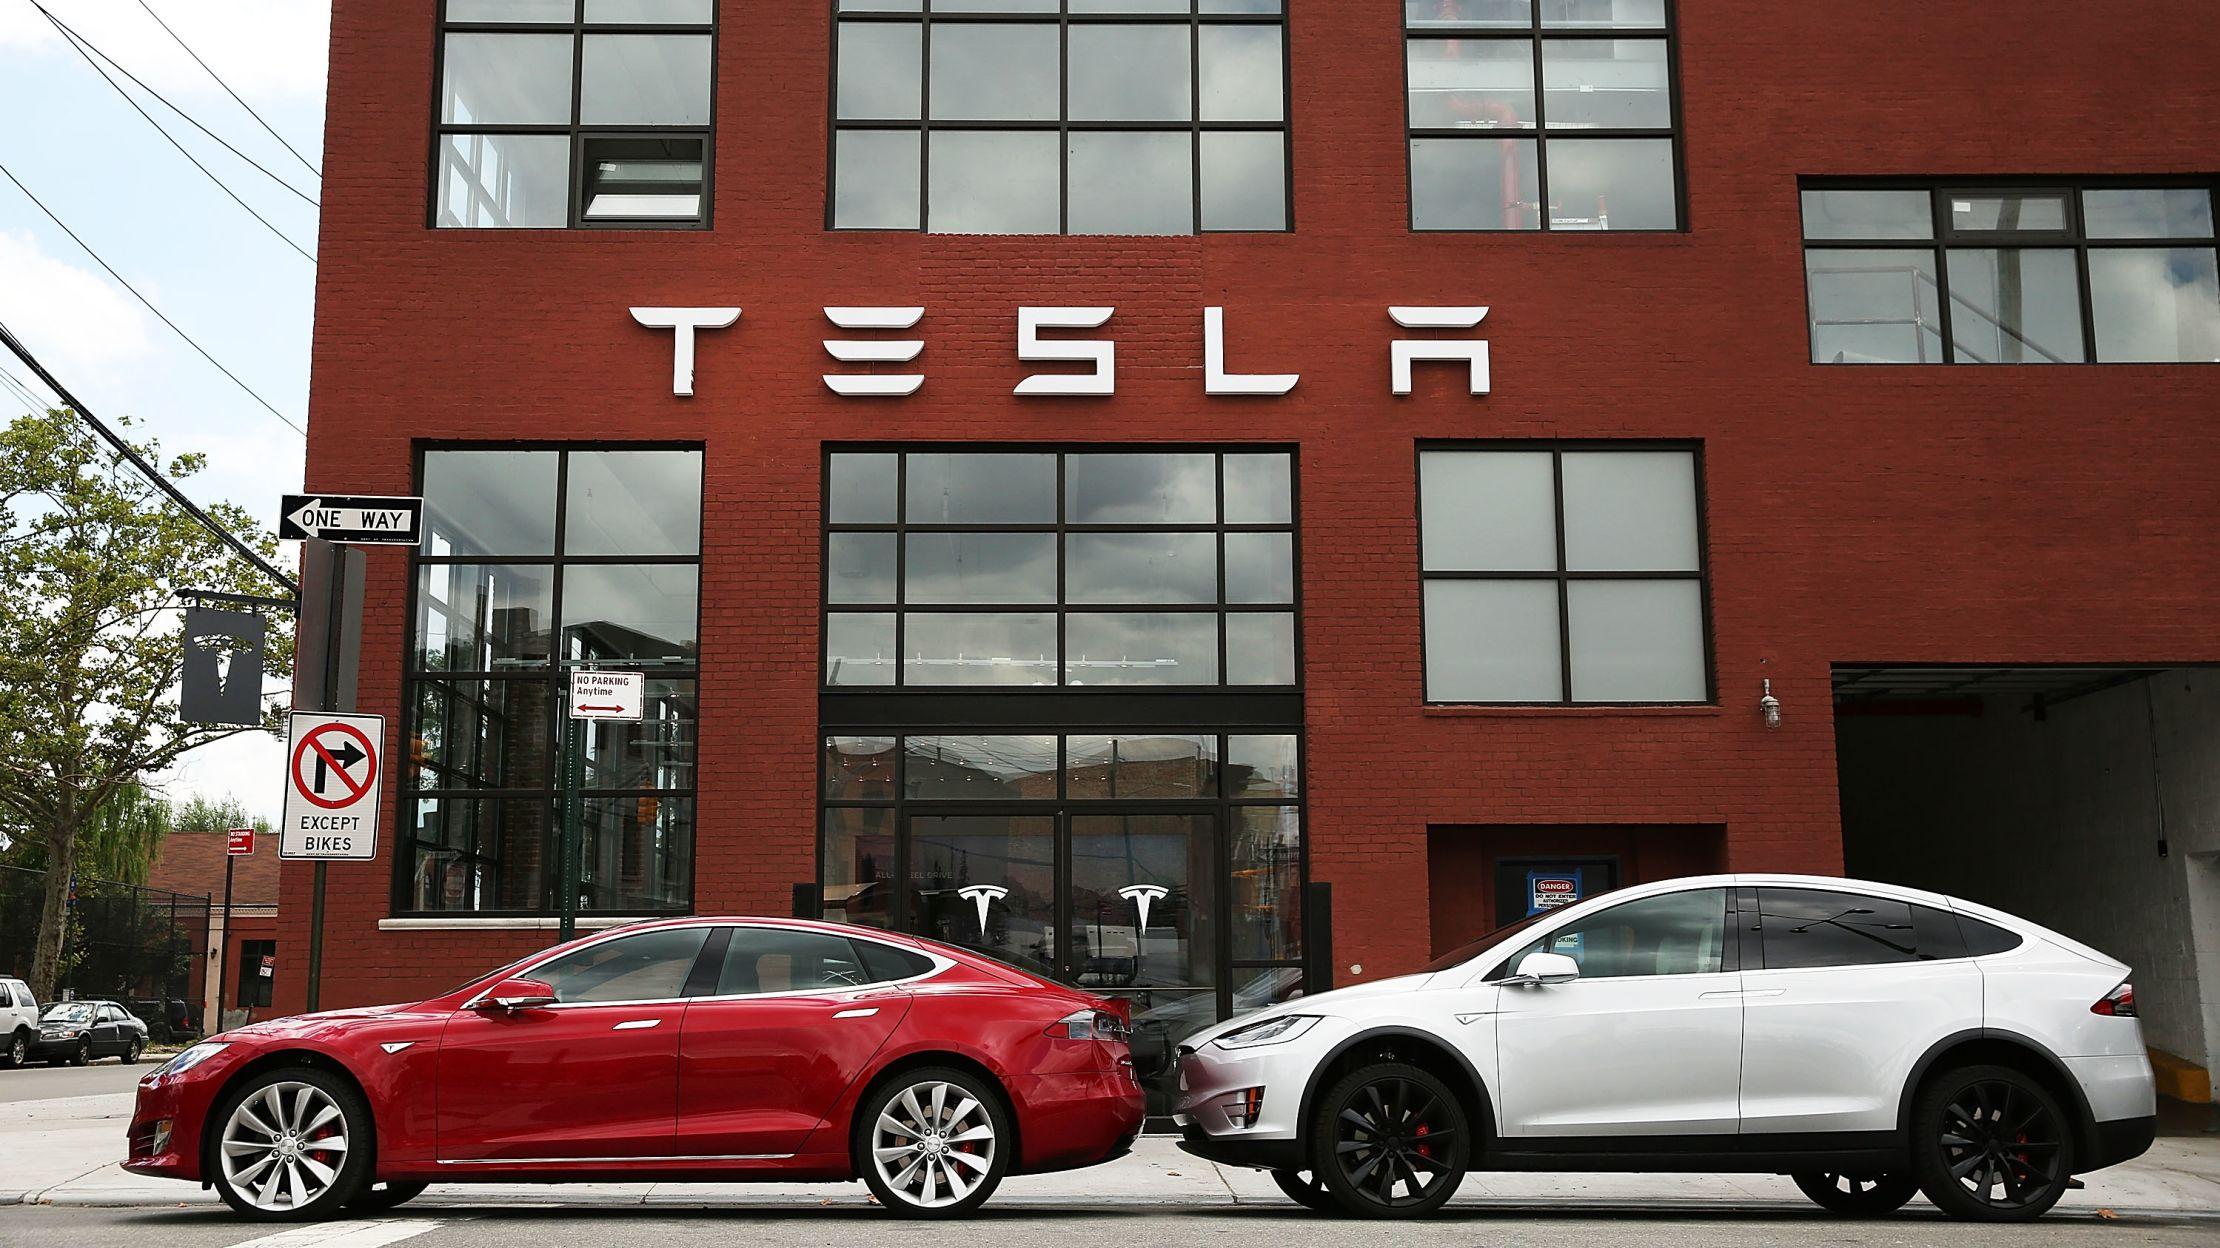 Тесла выбирает Техас для постройки сборочного завода стоимостью 1,1 миллиарда долларов, чтобы создать 5000 рабочих мест